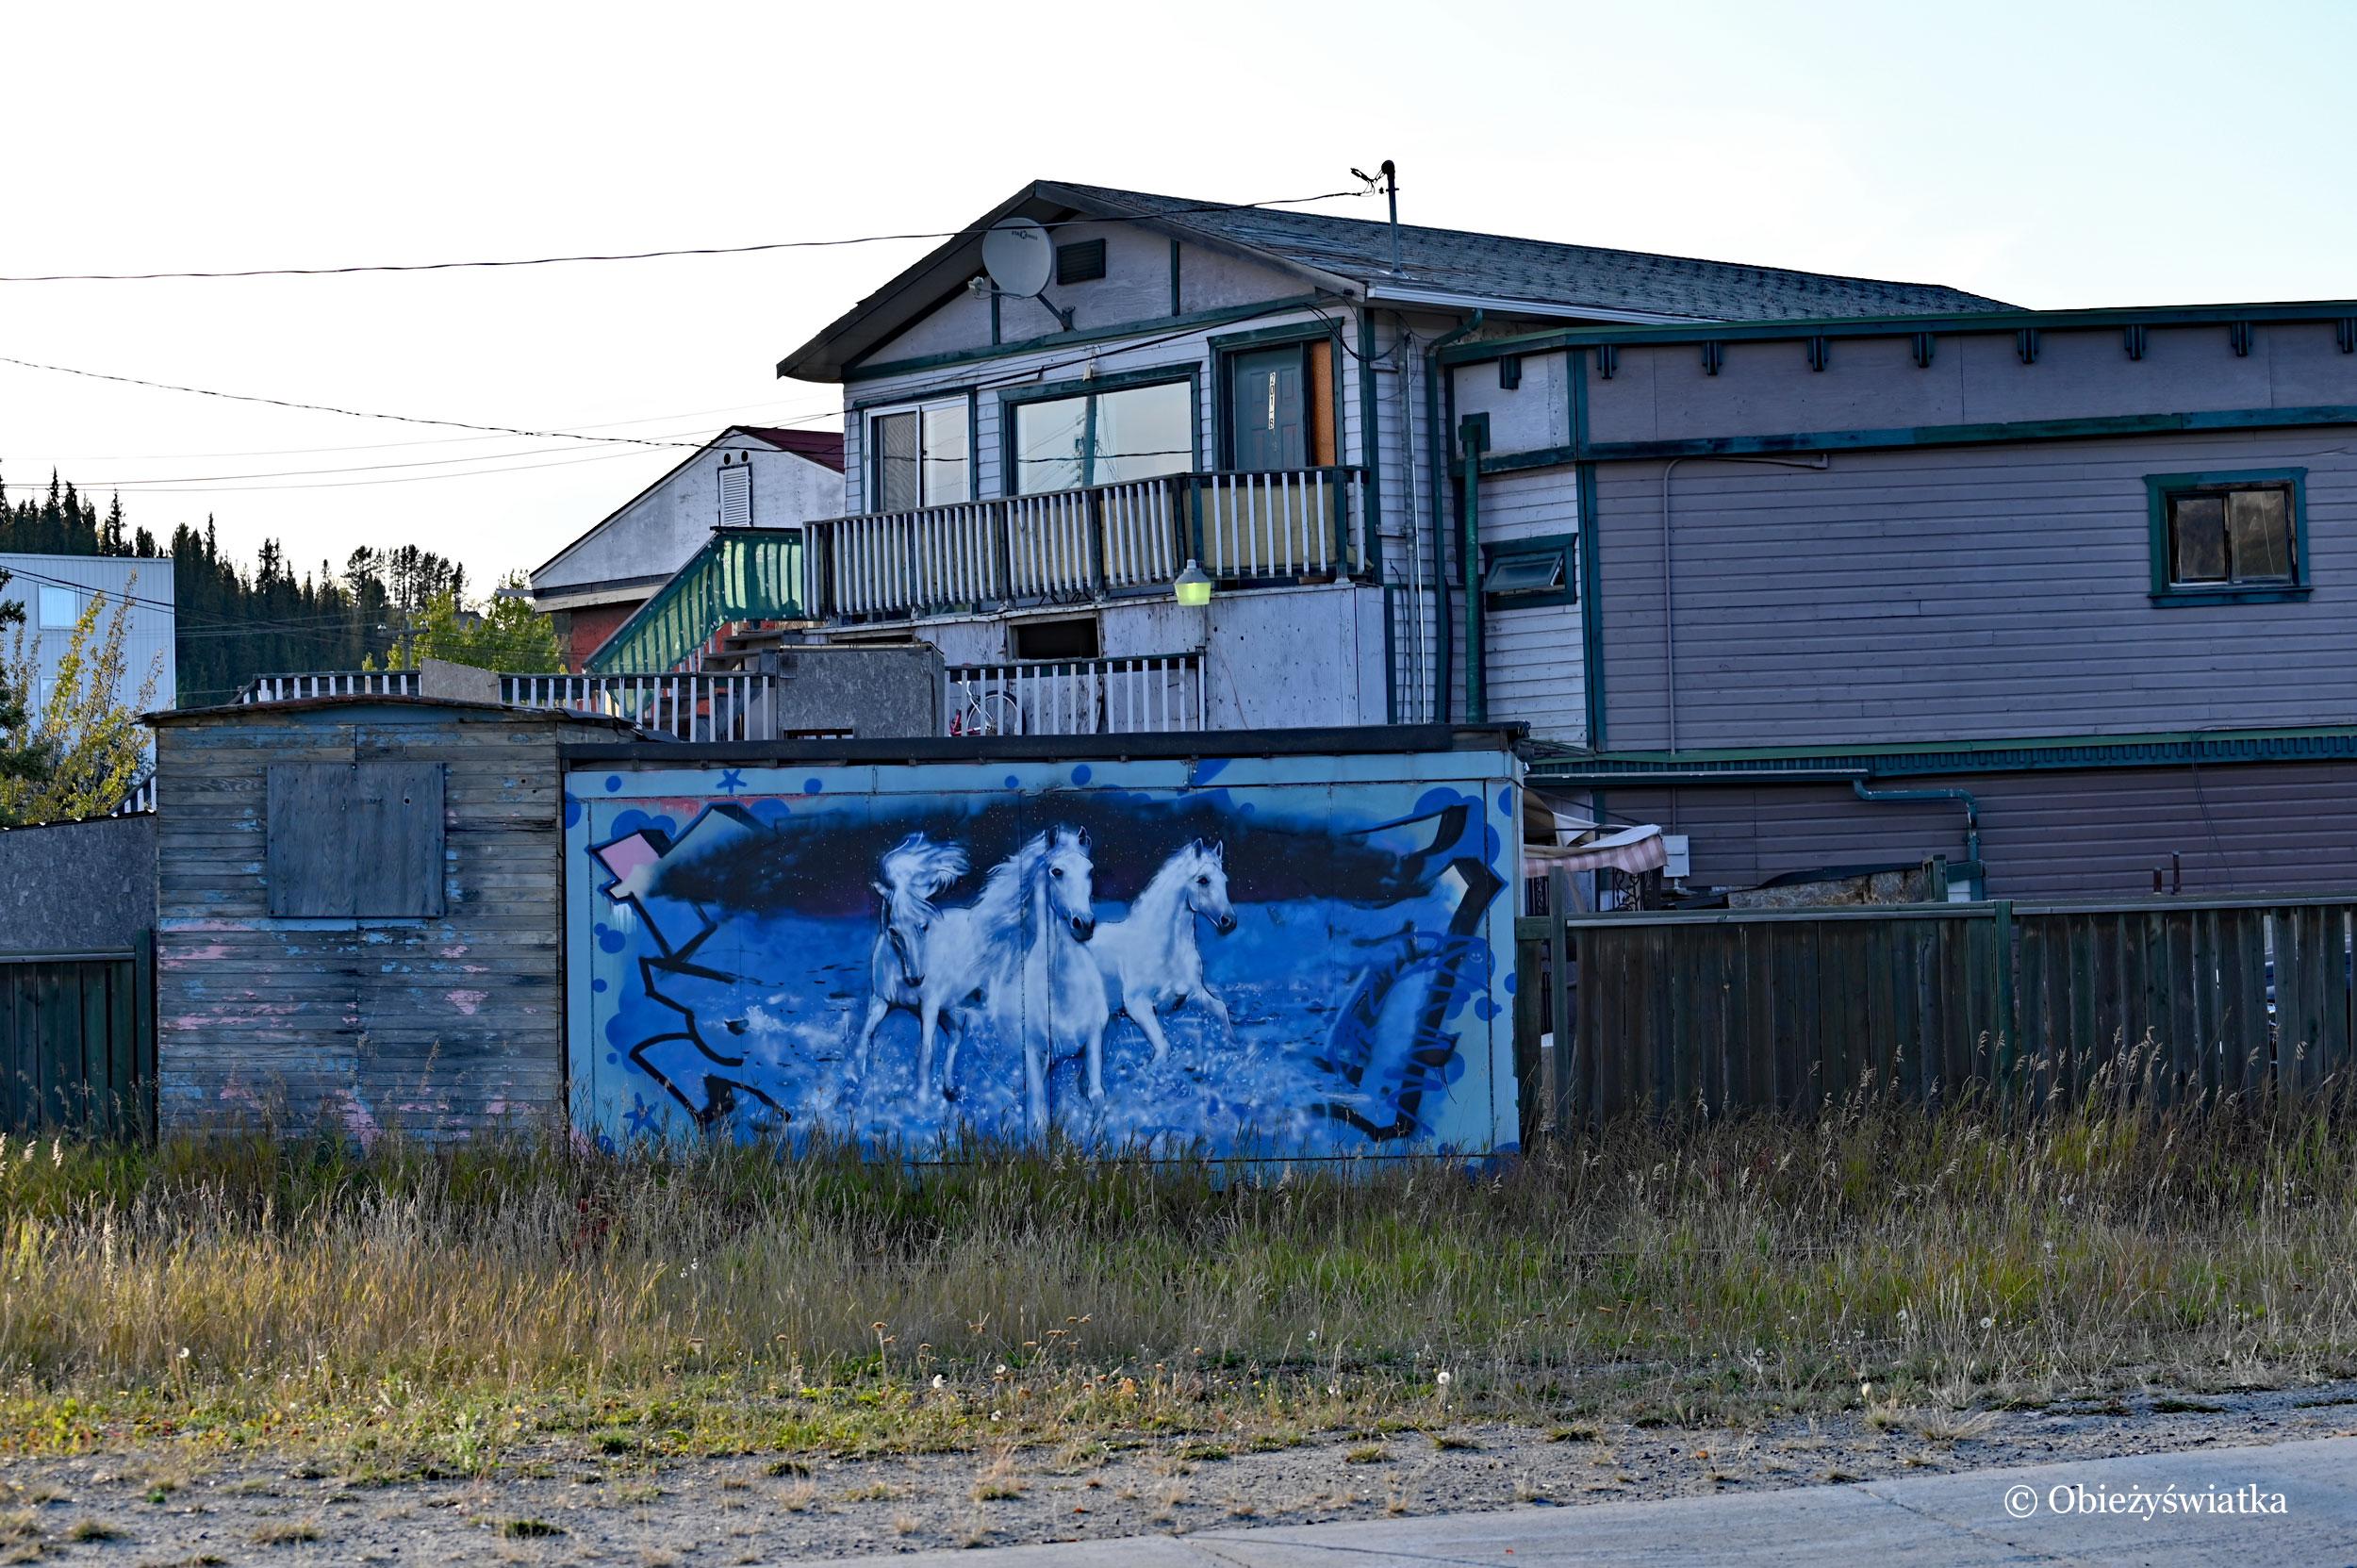 Białe konie - mural w Whitehorse, Kanada